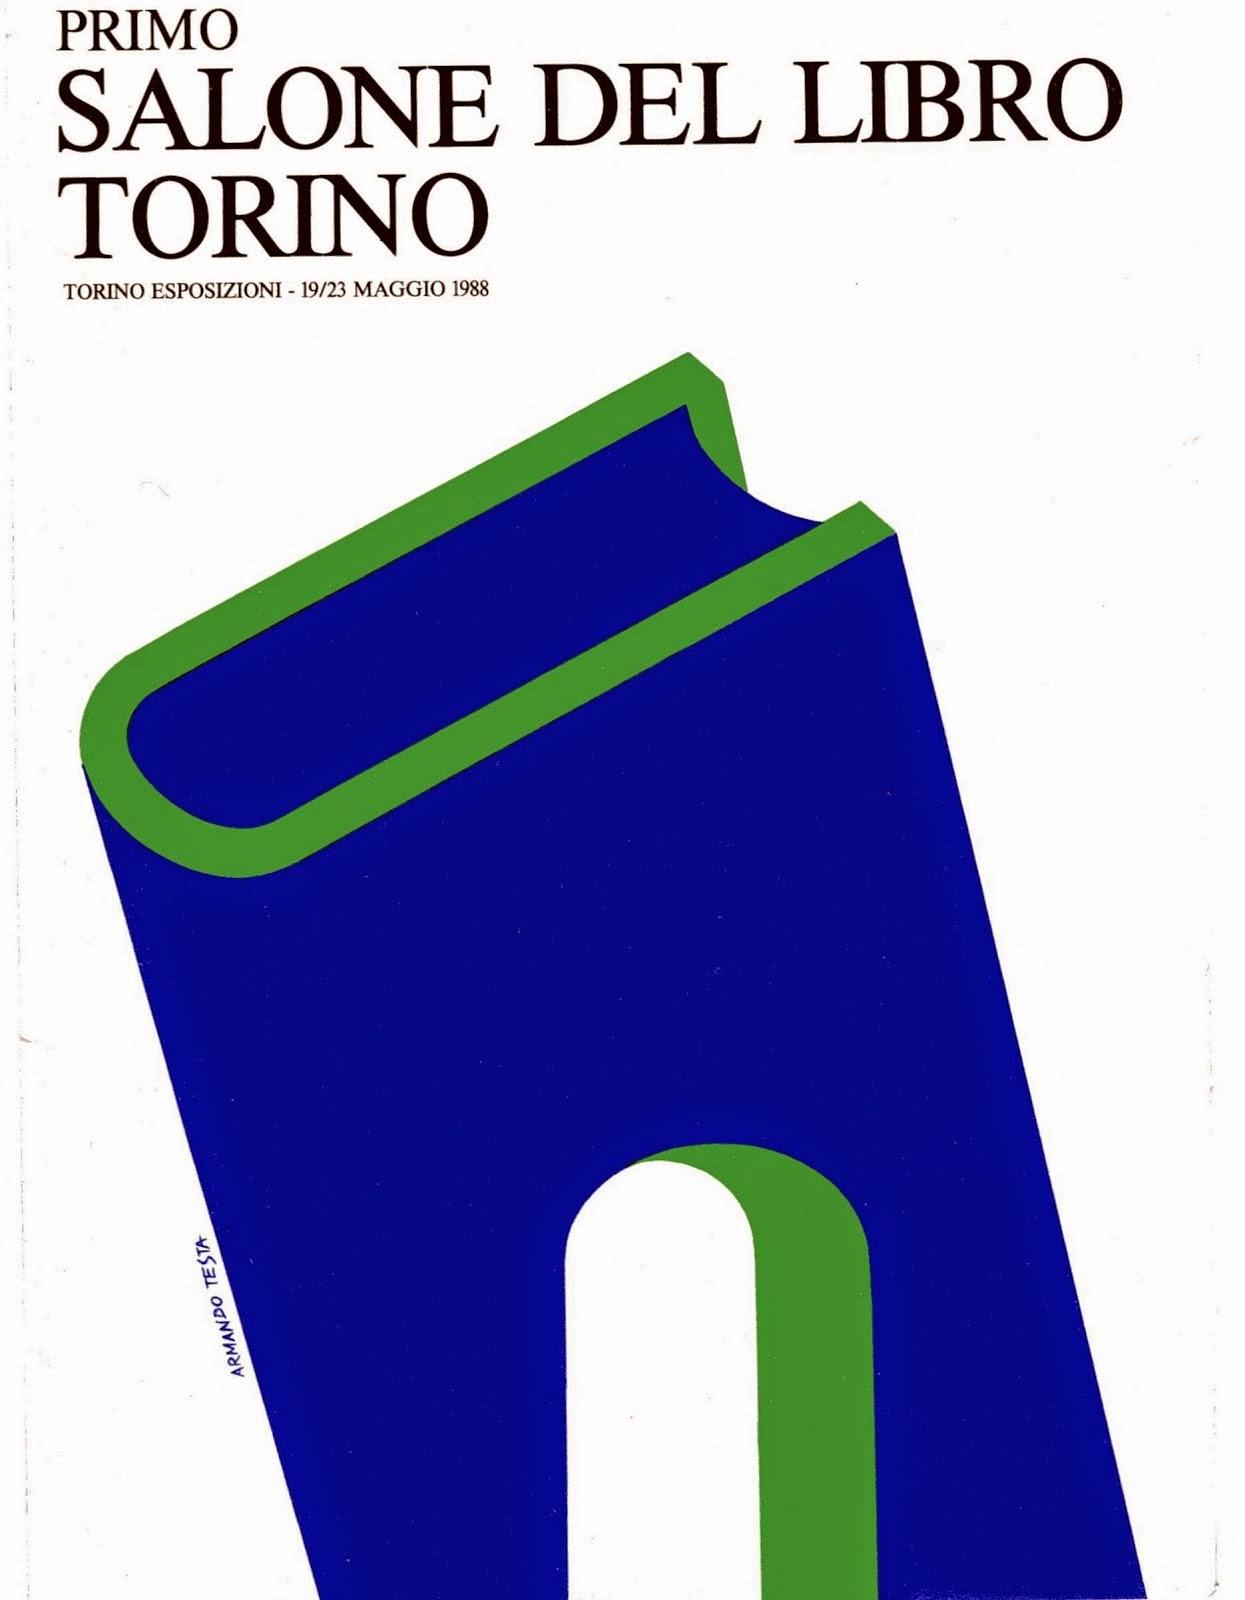 PRIMO SALONE DEL LIBRO, 1988 TORINO